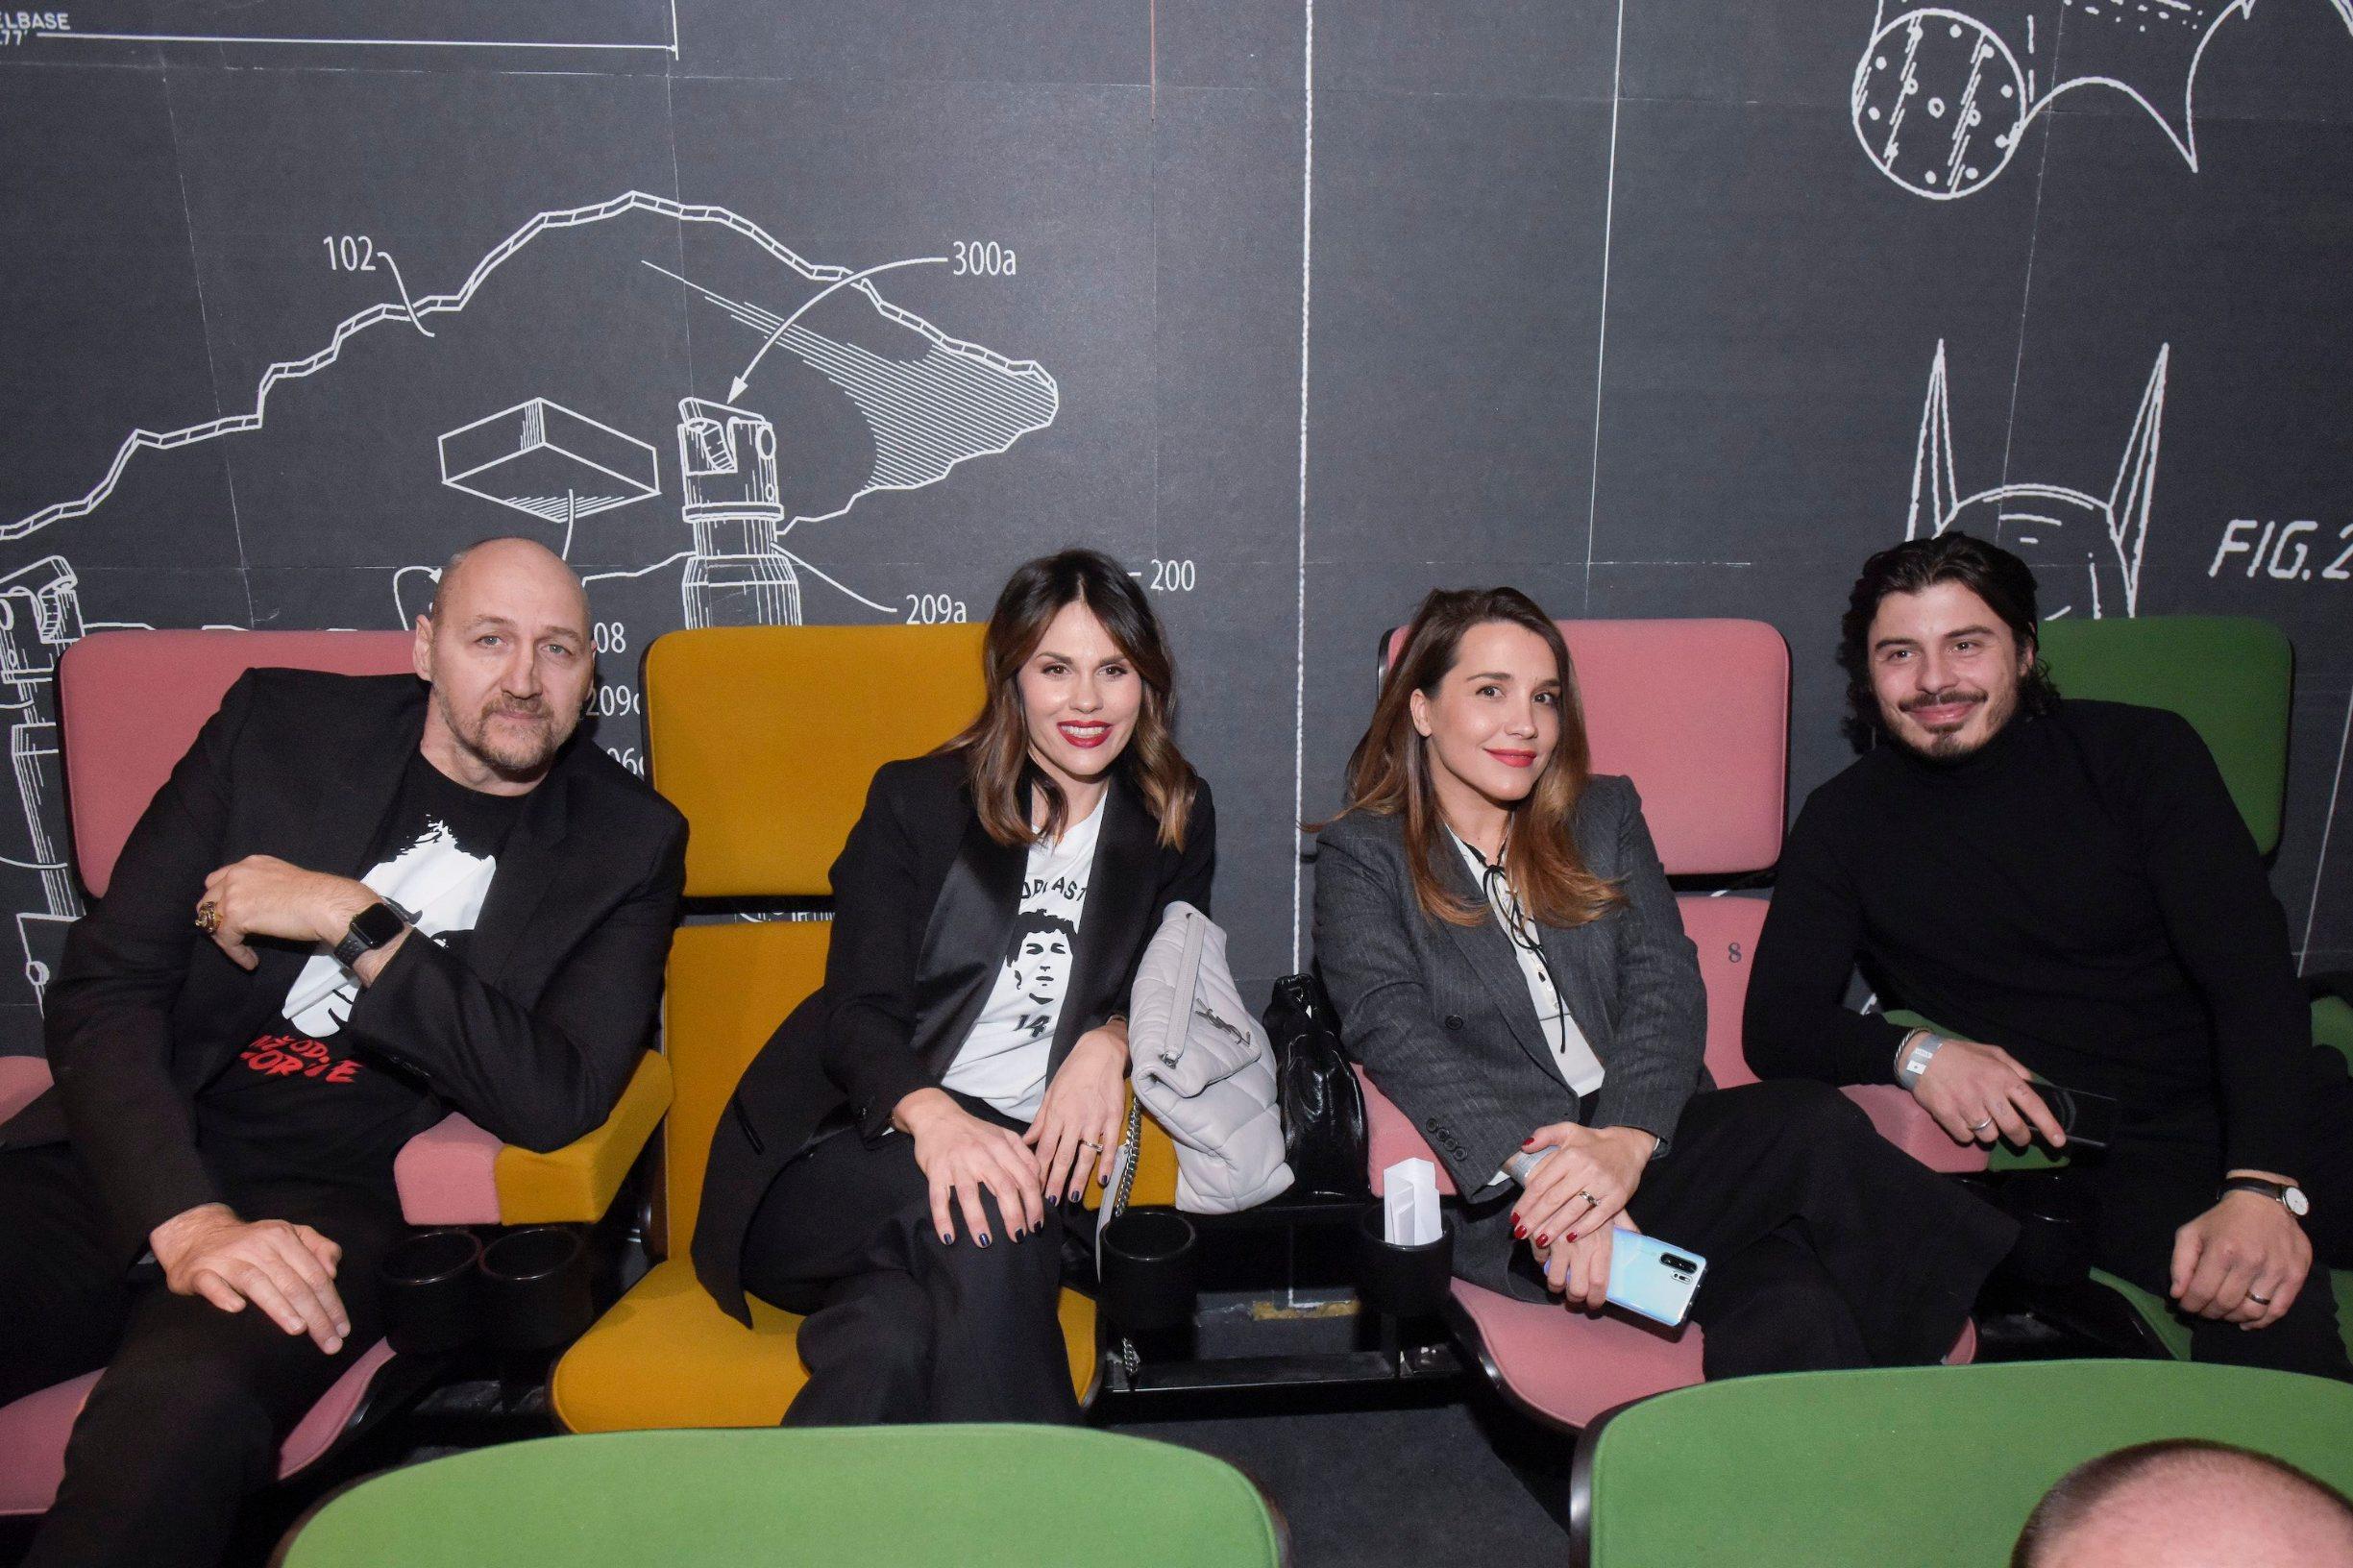 Dino i Viktorija Rađa u društvu Marijane Batinić i njezina supruga Mateja Pašalića